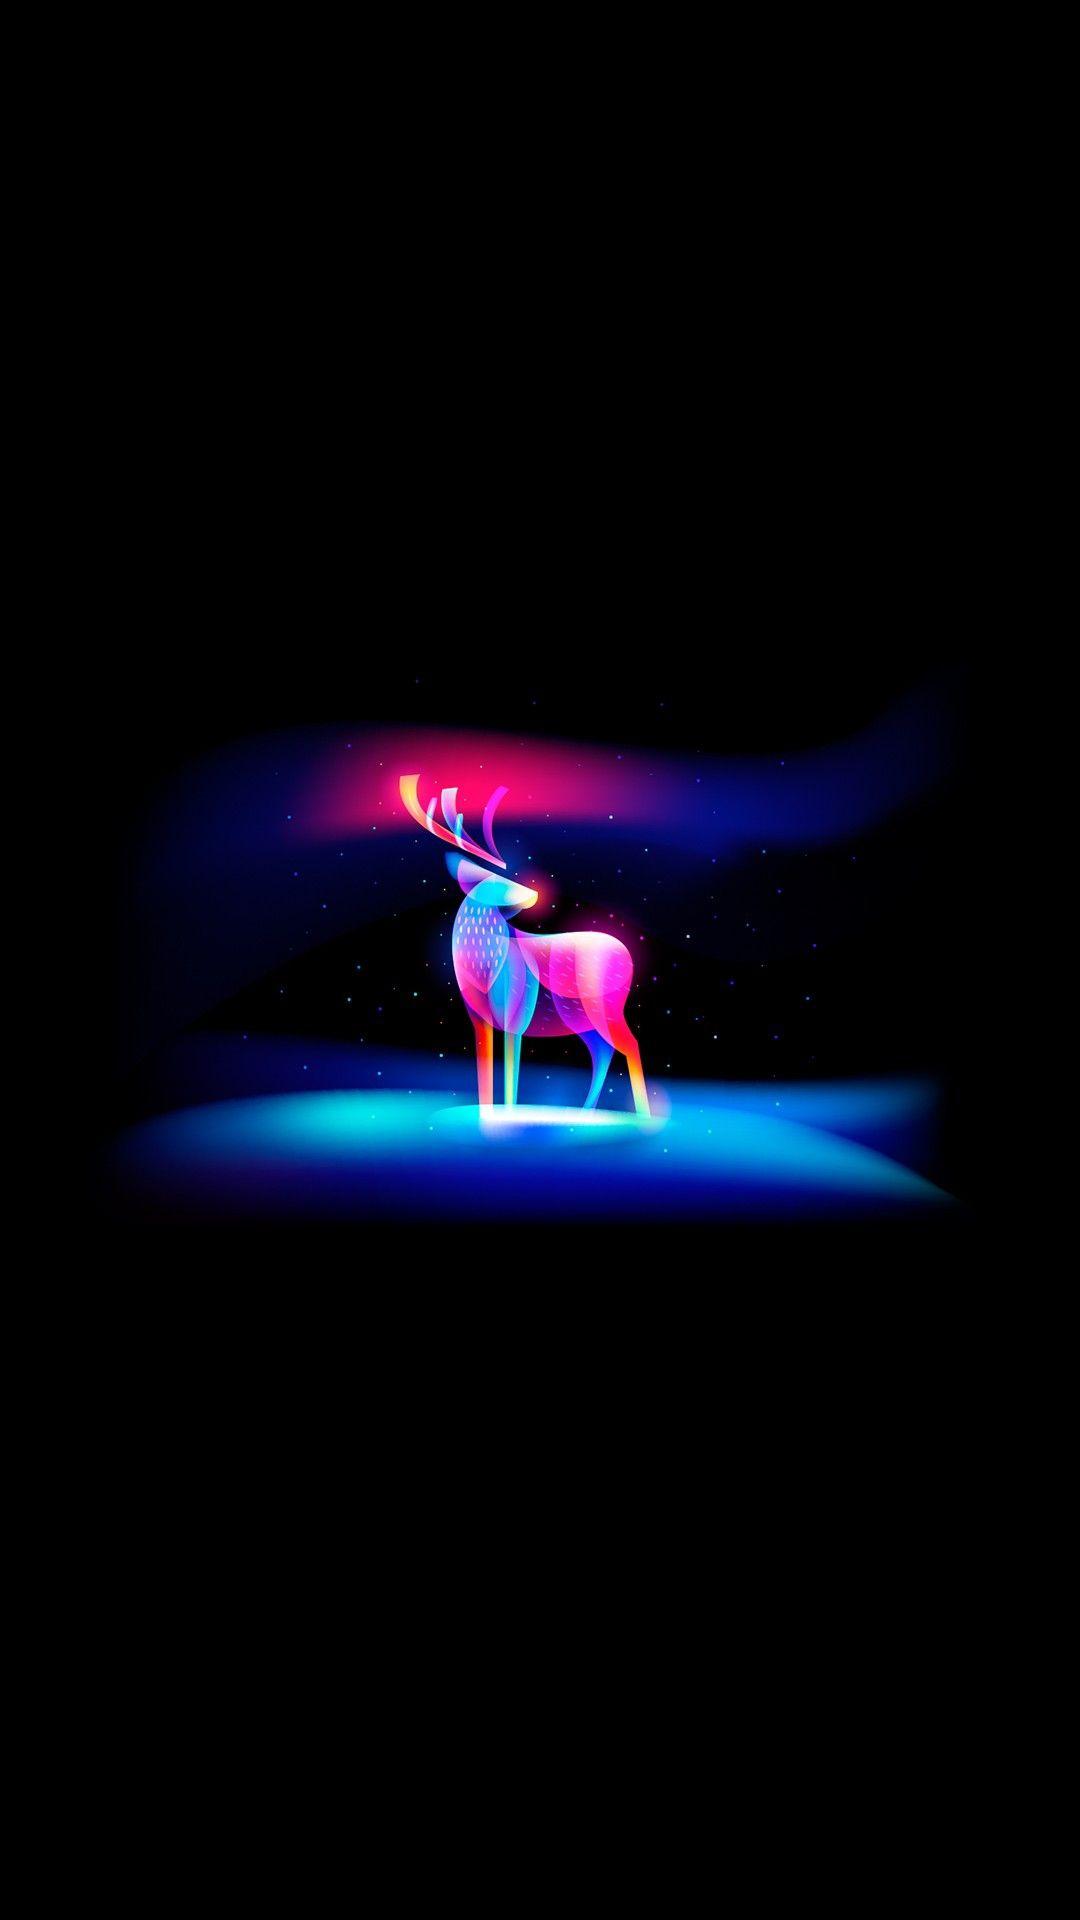 Neon Art Deer iPhone Wallpaper iphoneswallpapers com